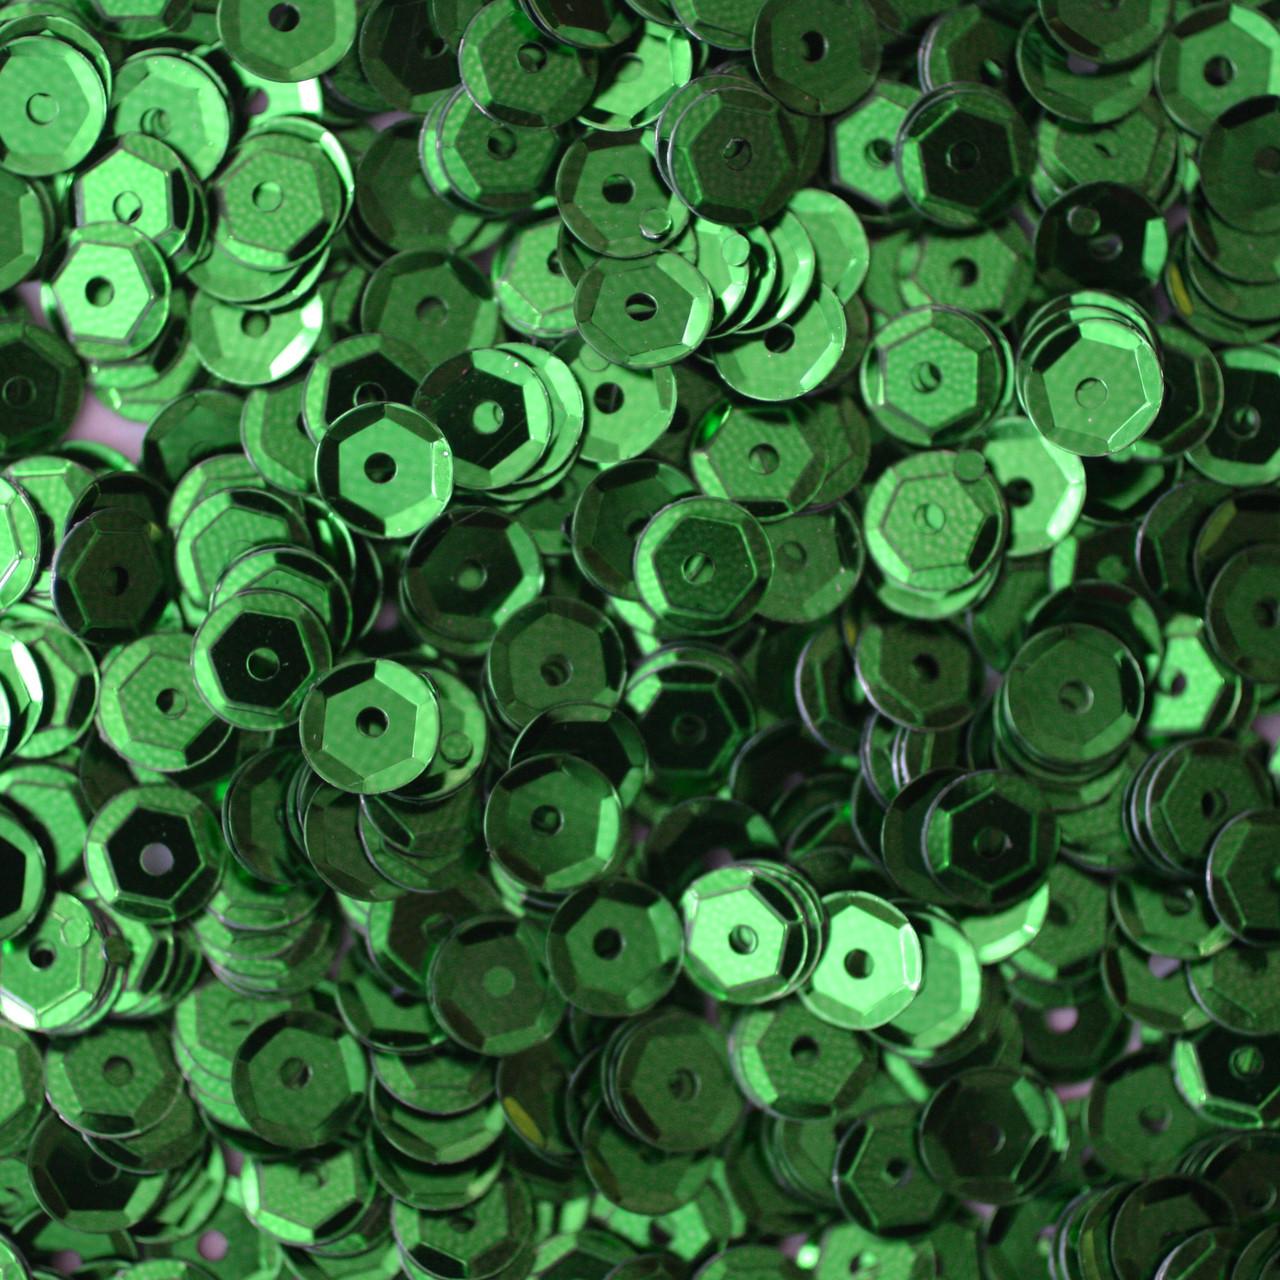 5mm Cup Sequins Green Metallic